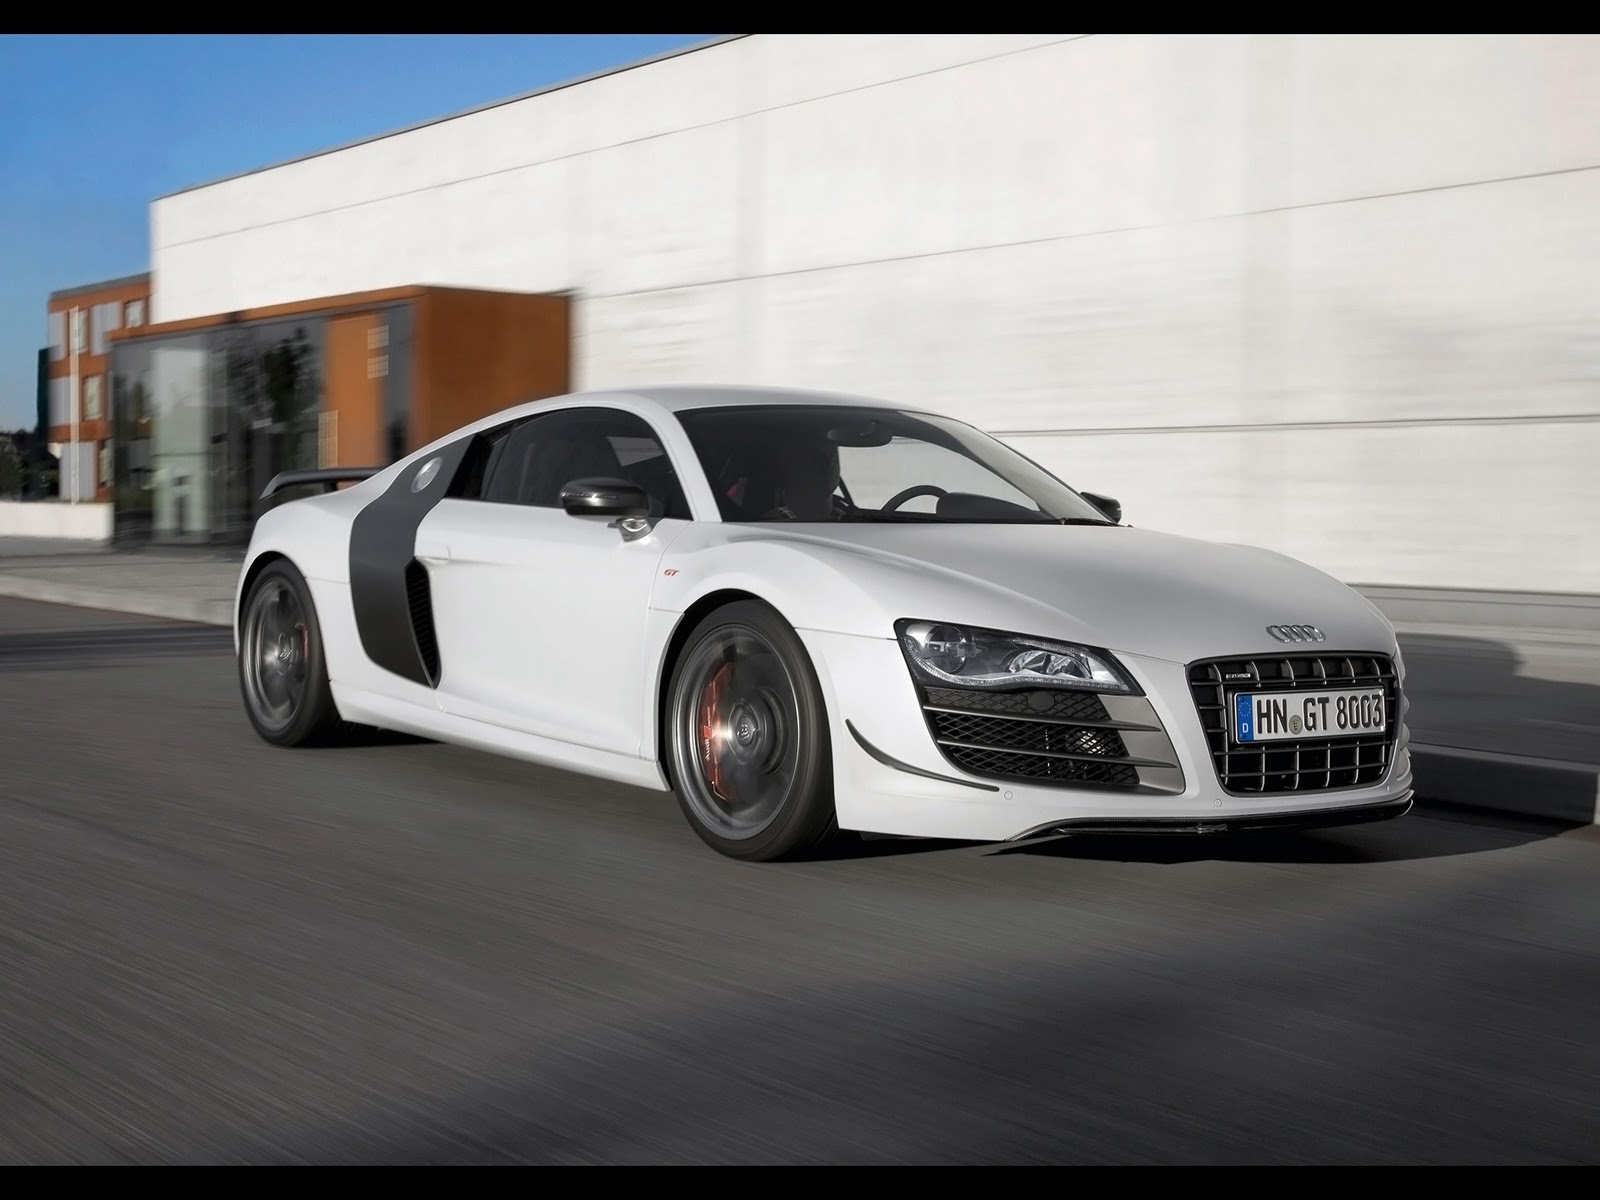 http://2.bp.blogspot.com/_viCh1SFyGrA/TQVV4K8wcxI/AAAAAAAAANo/ijzXAnZjKZY/s1600/2011-Audi-R8-GT-Front-Angle-Speed-2-1920x1440.jpg